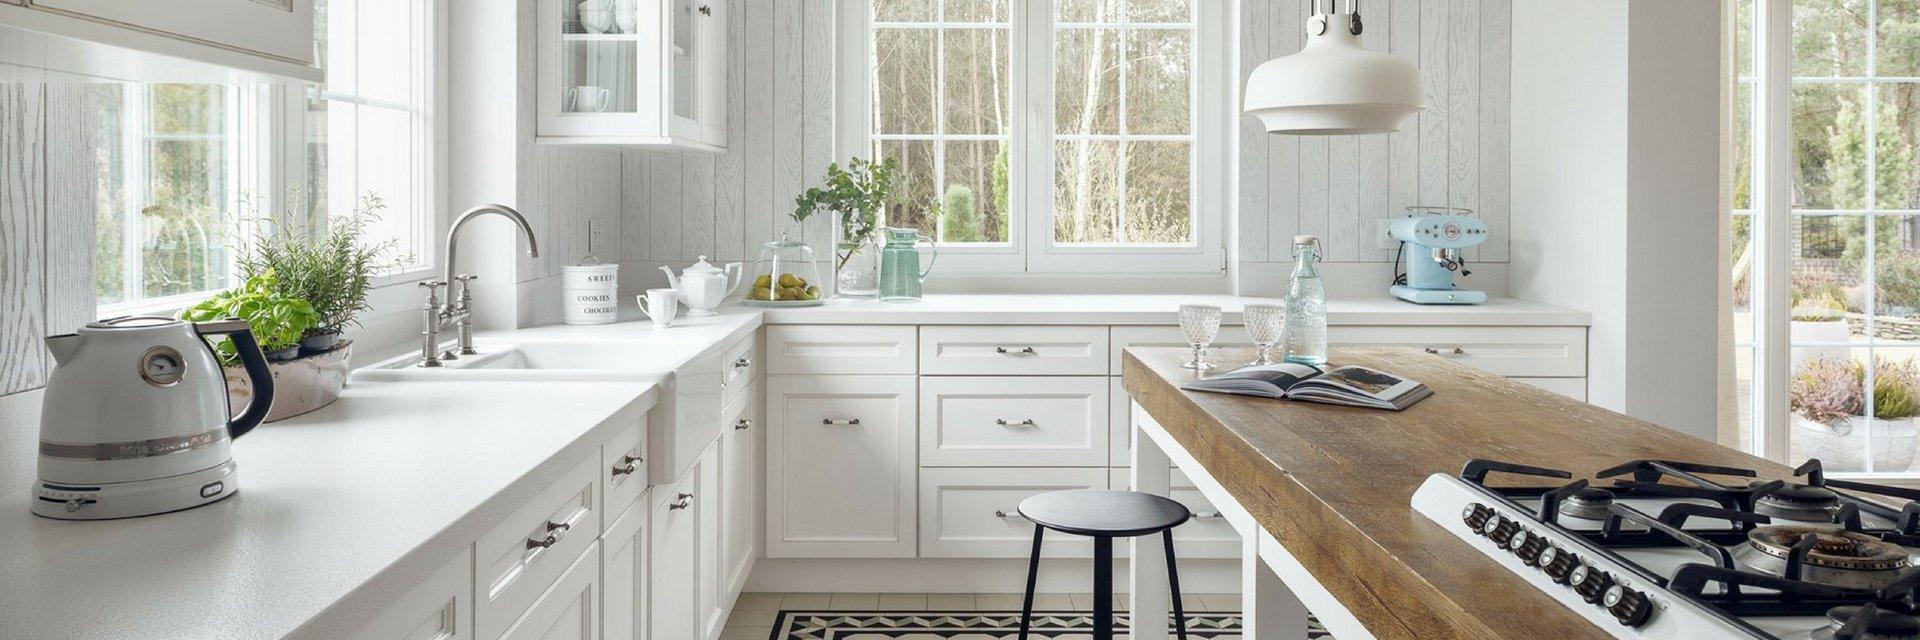 Białe kuchnie wciąż najmodniejsze - Raport Homebook